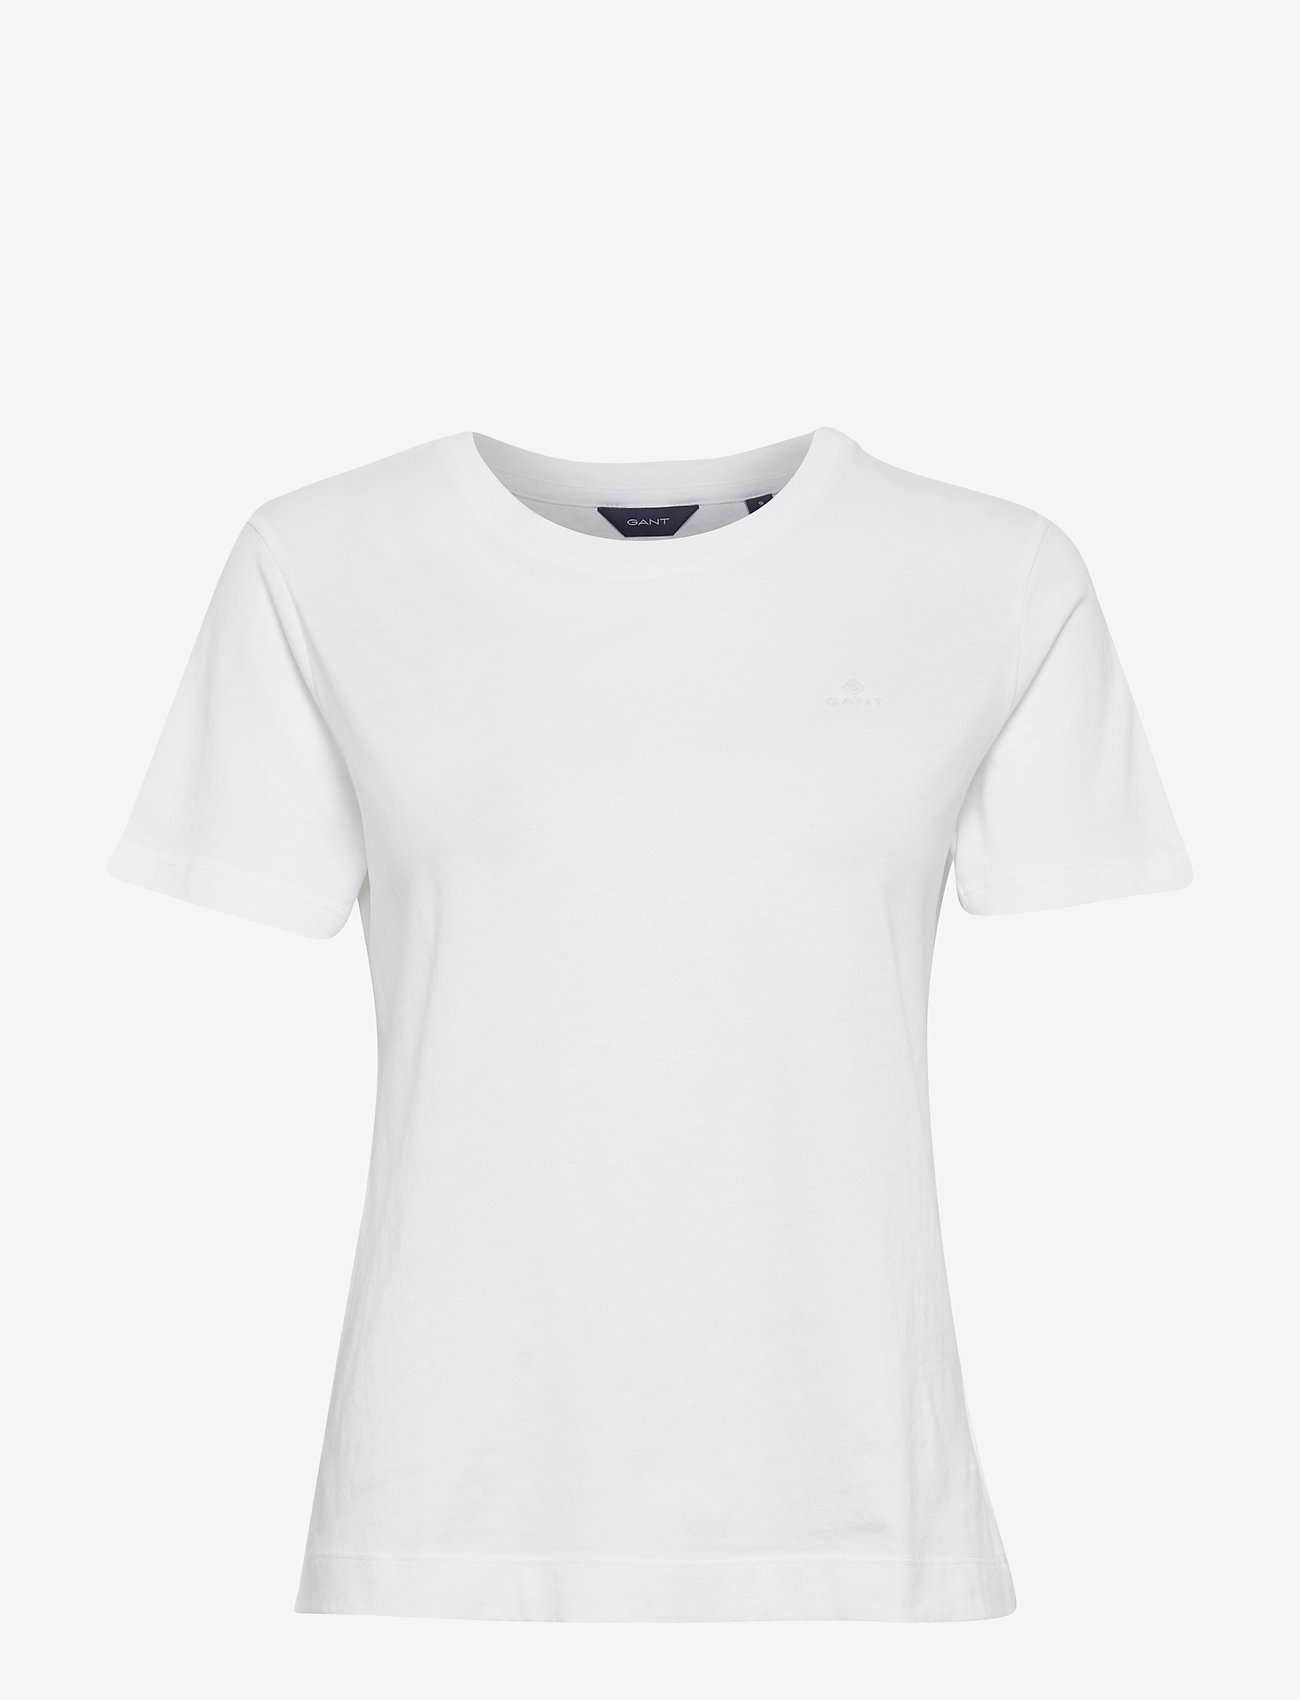 Gant - ORIGINAL SS T-SHIRT - basic t-shirts - white